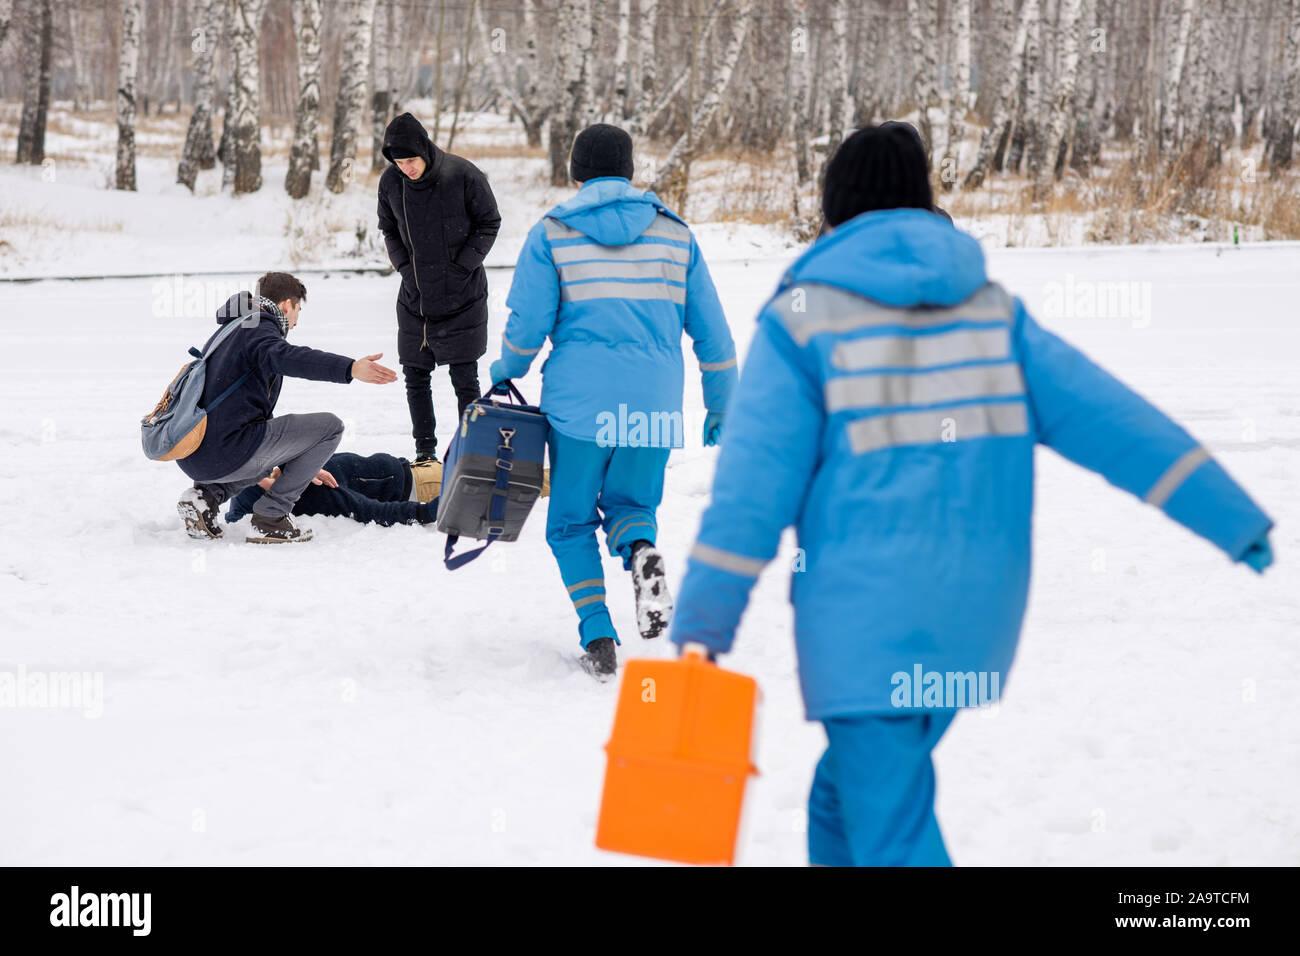 Vue arrière de paramédics en uniforme bleu se dépêchant pour personne malade allongé dans la neige Banque D'Images